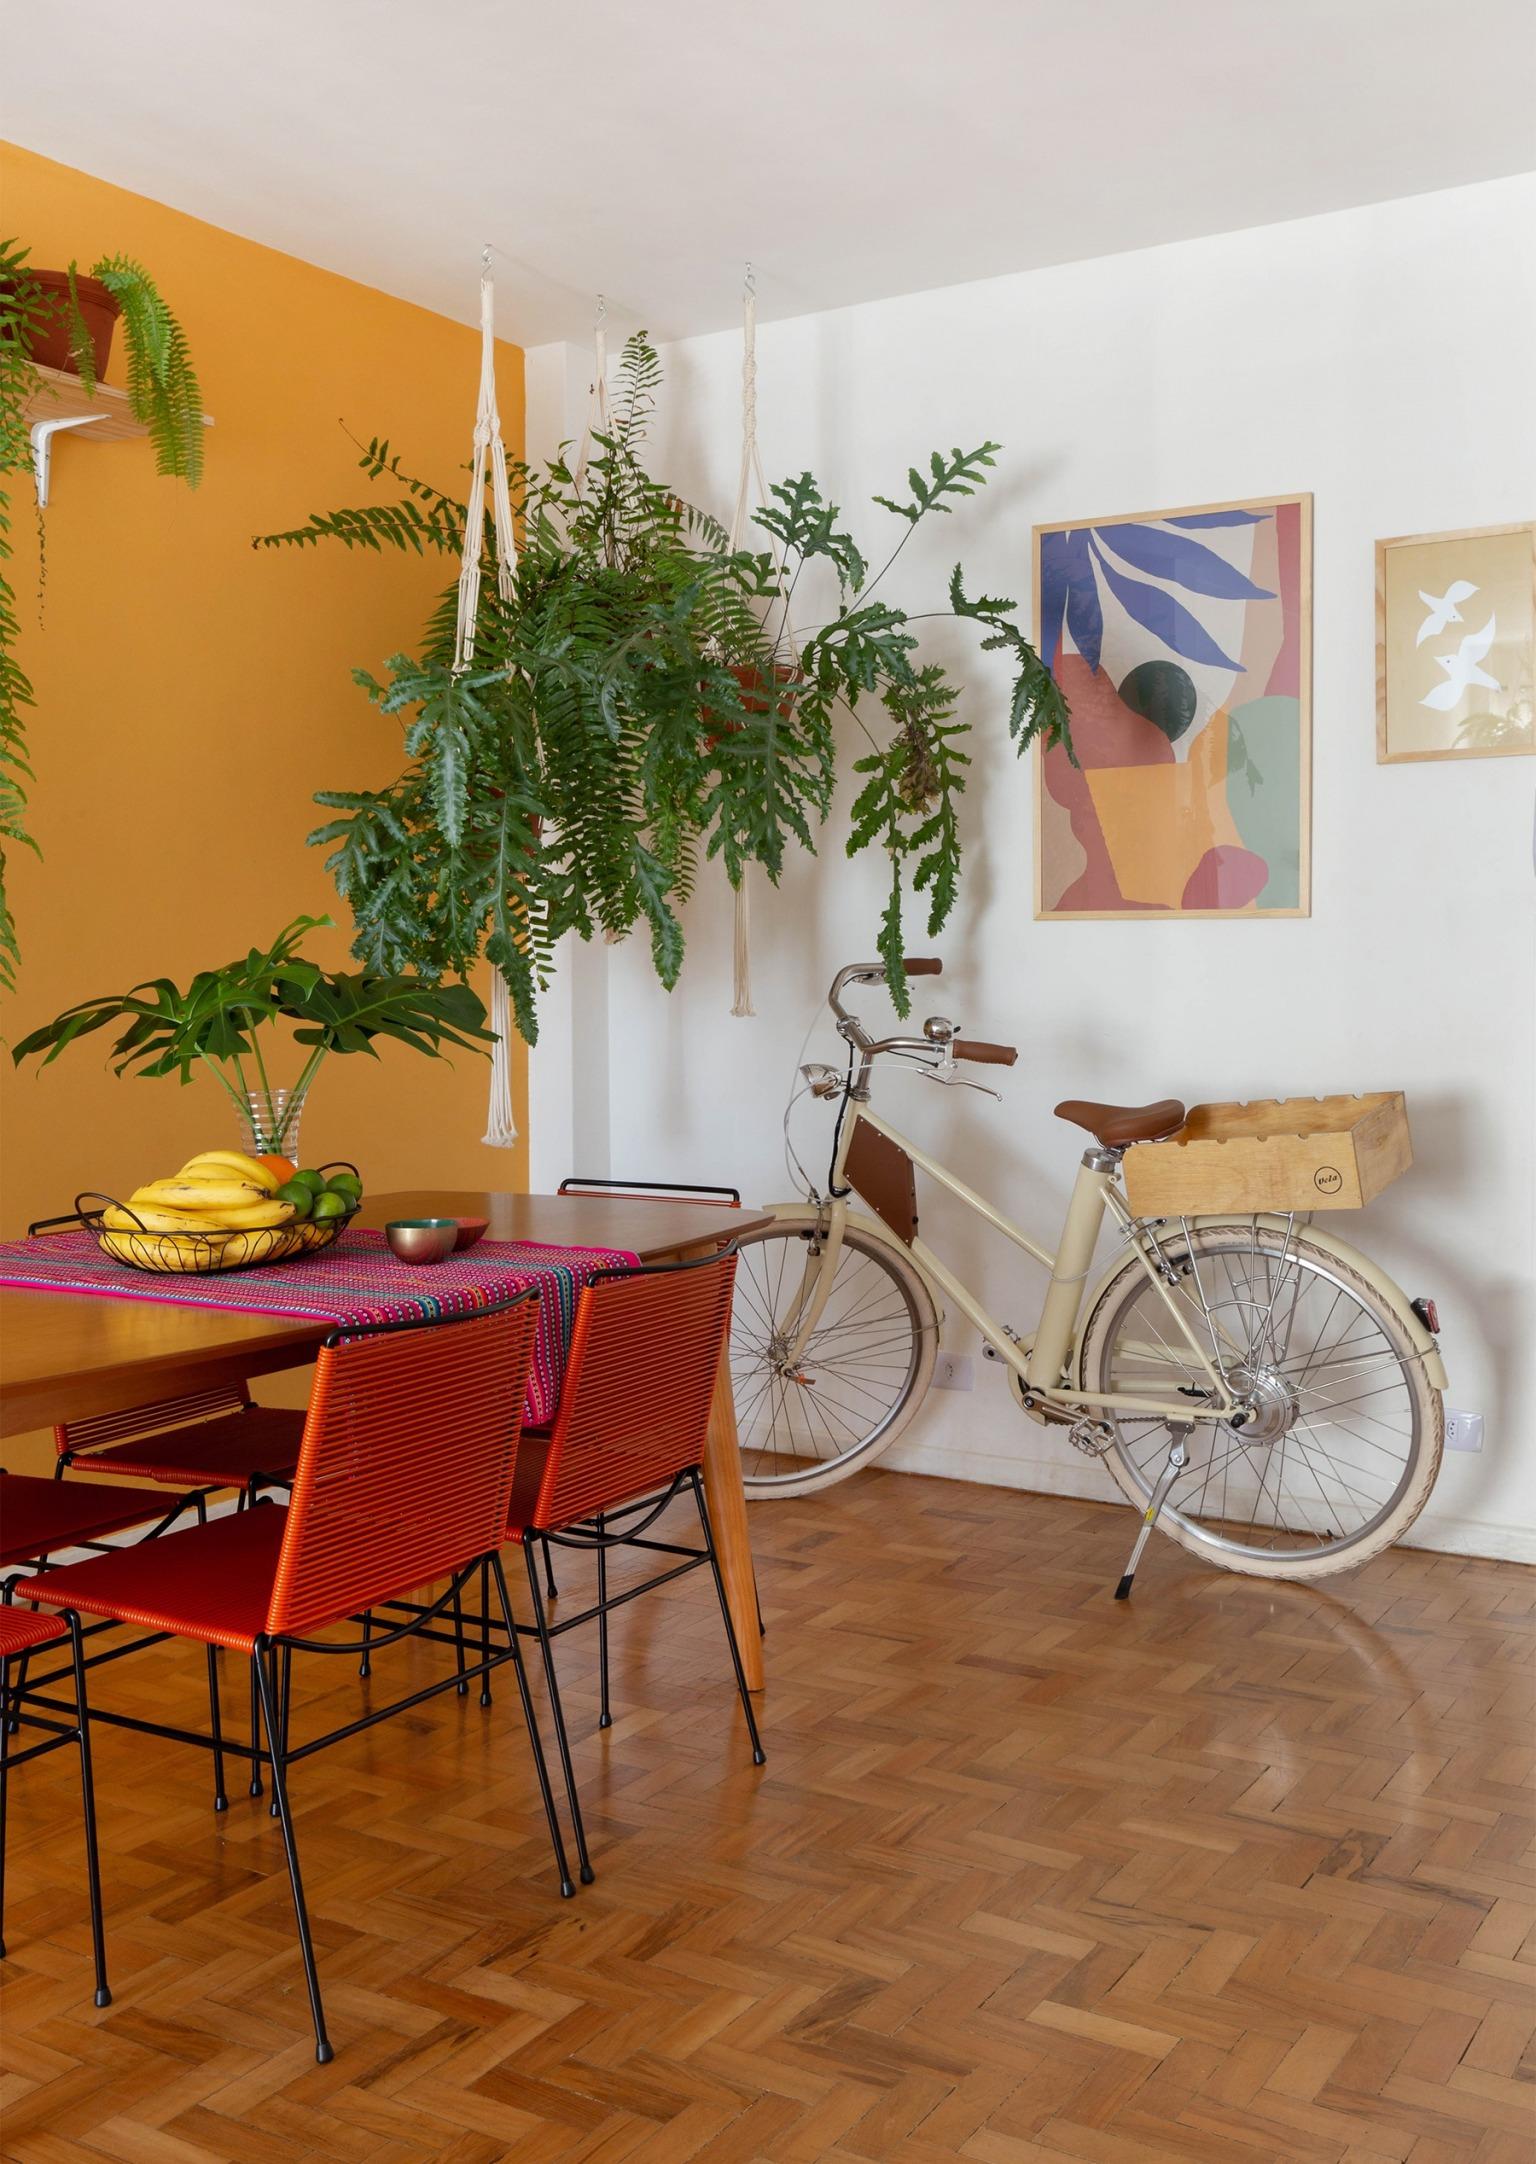 decoração obrah sala jantar parede mostarda quadros coloridos bicicleta e muitas plantas